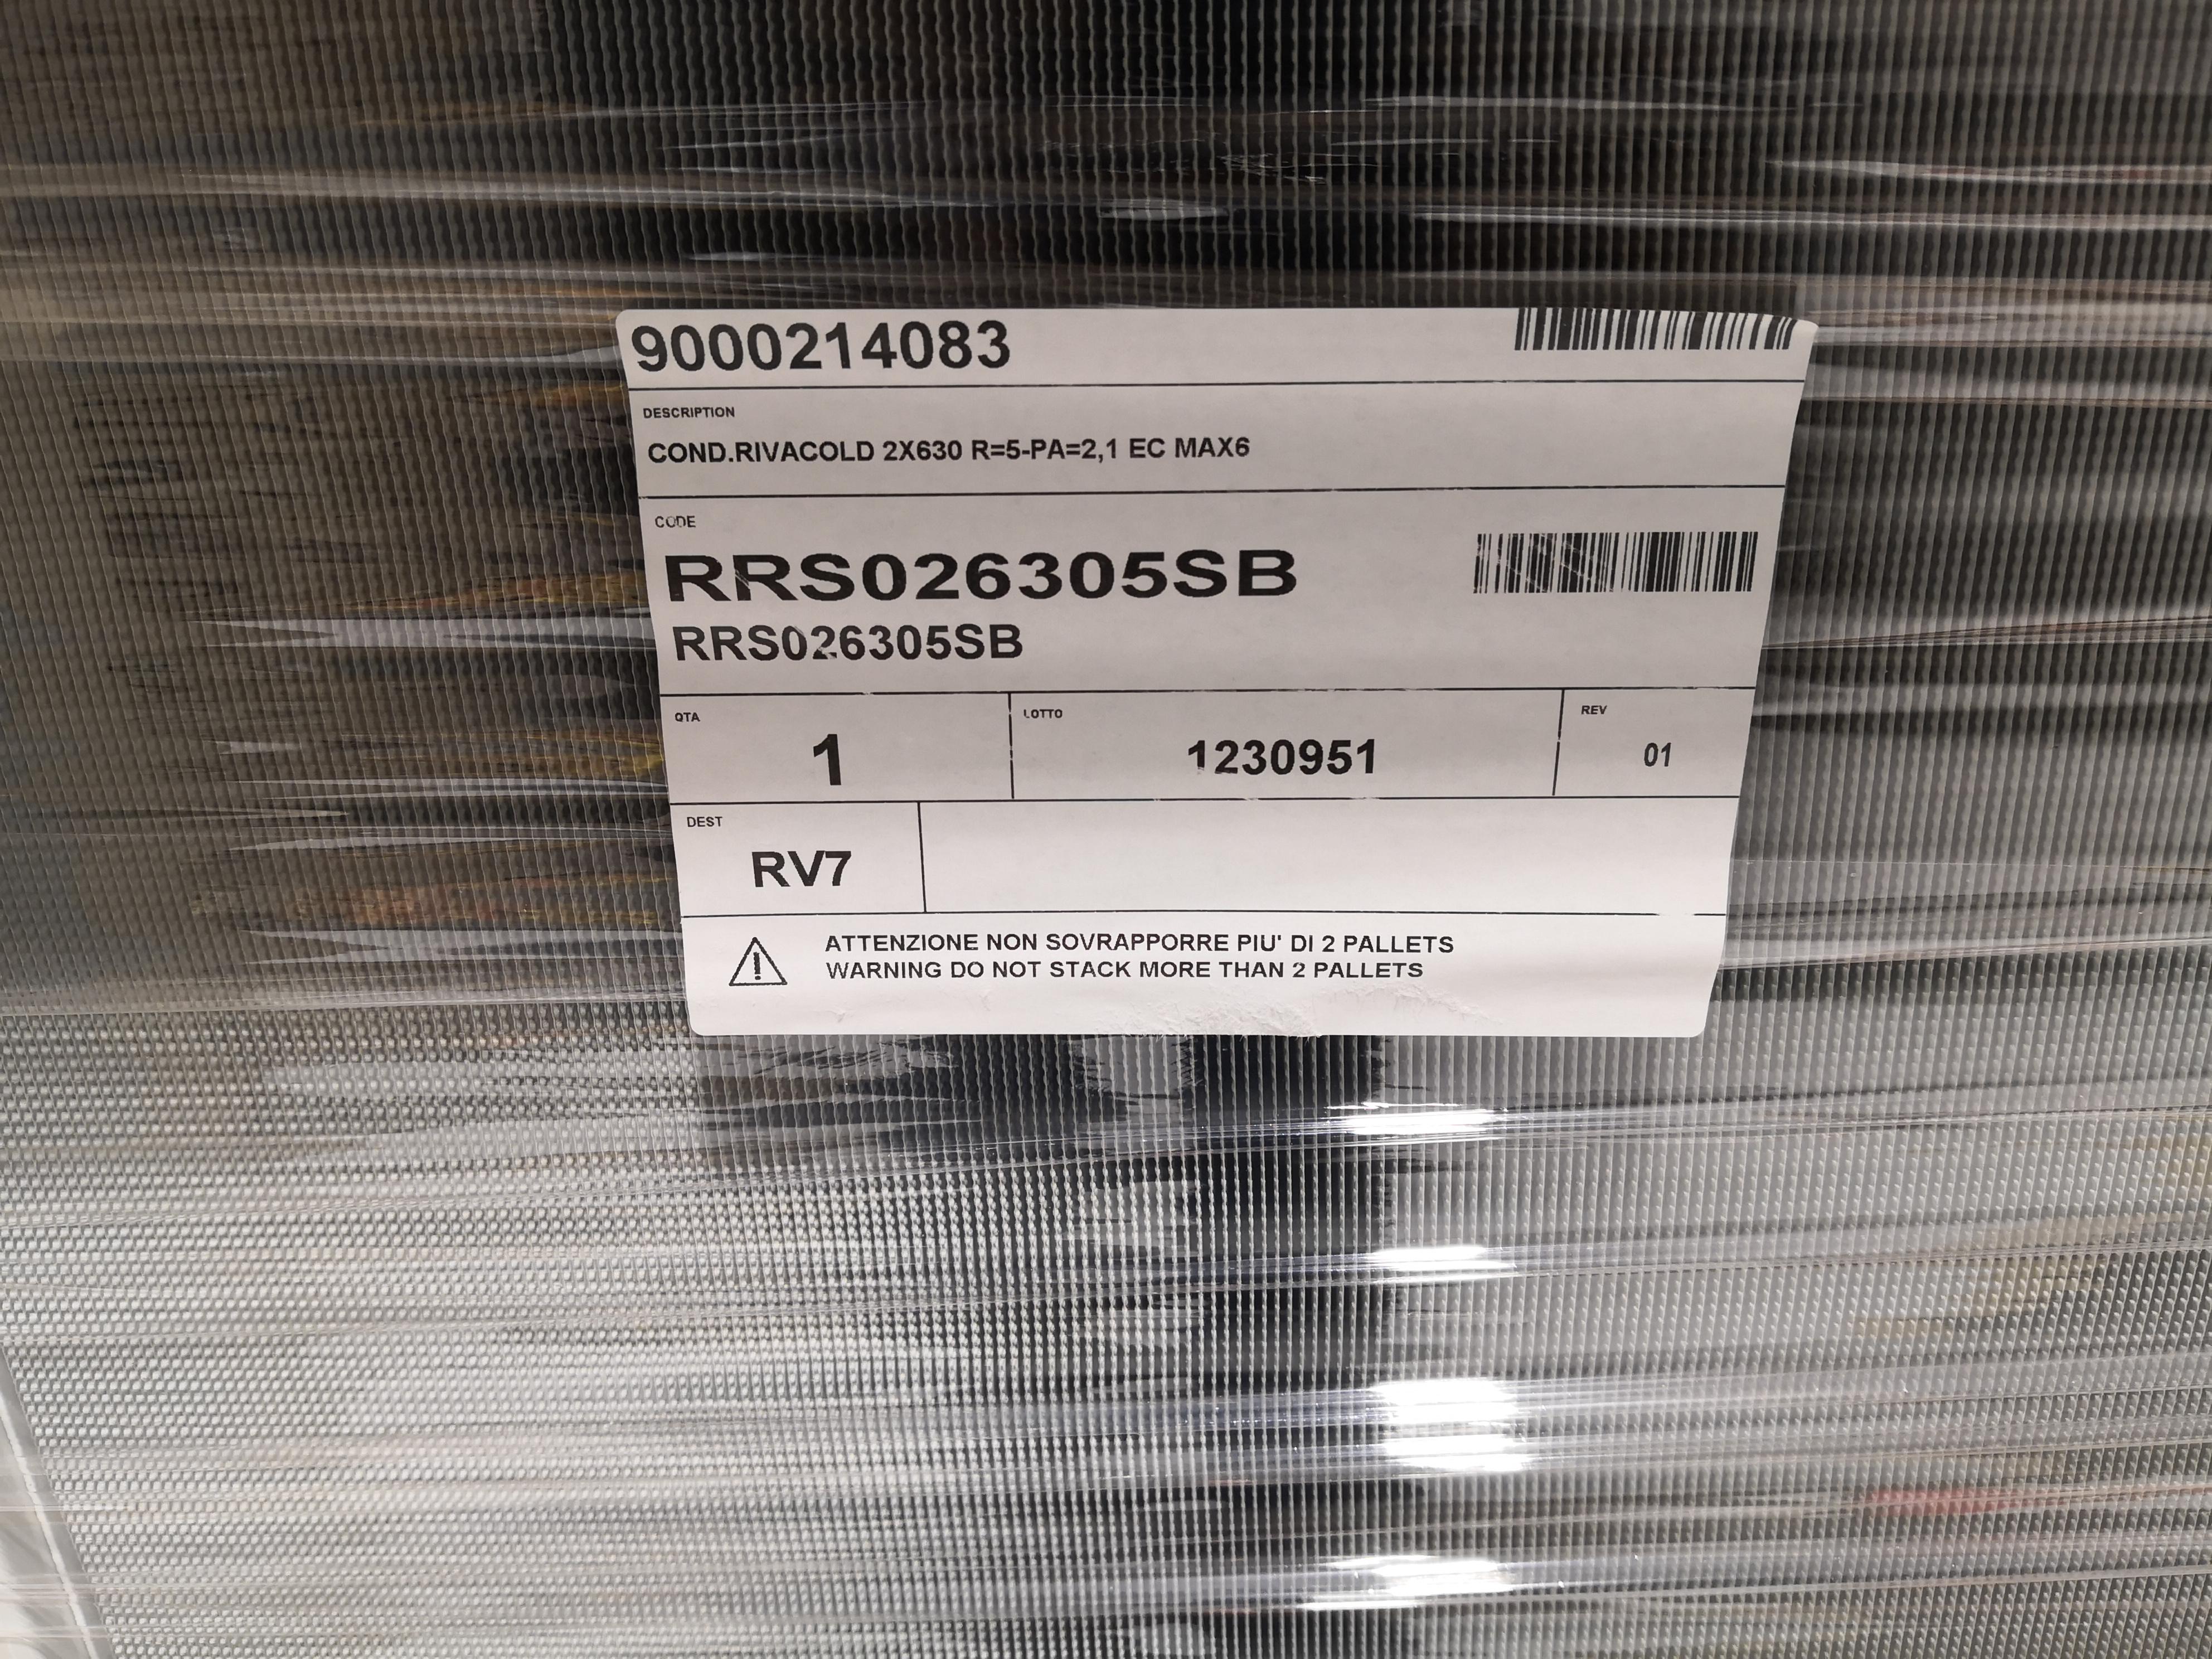 Condensatore scambiatore per refrigerazione in vendita - foto 4